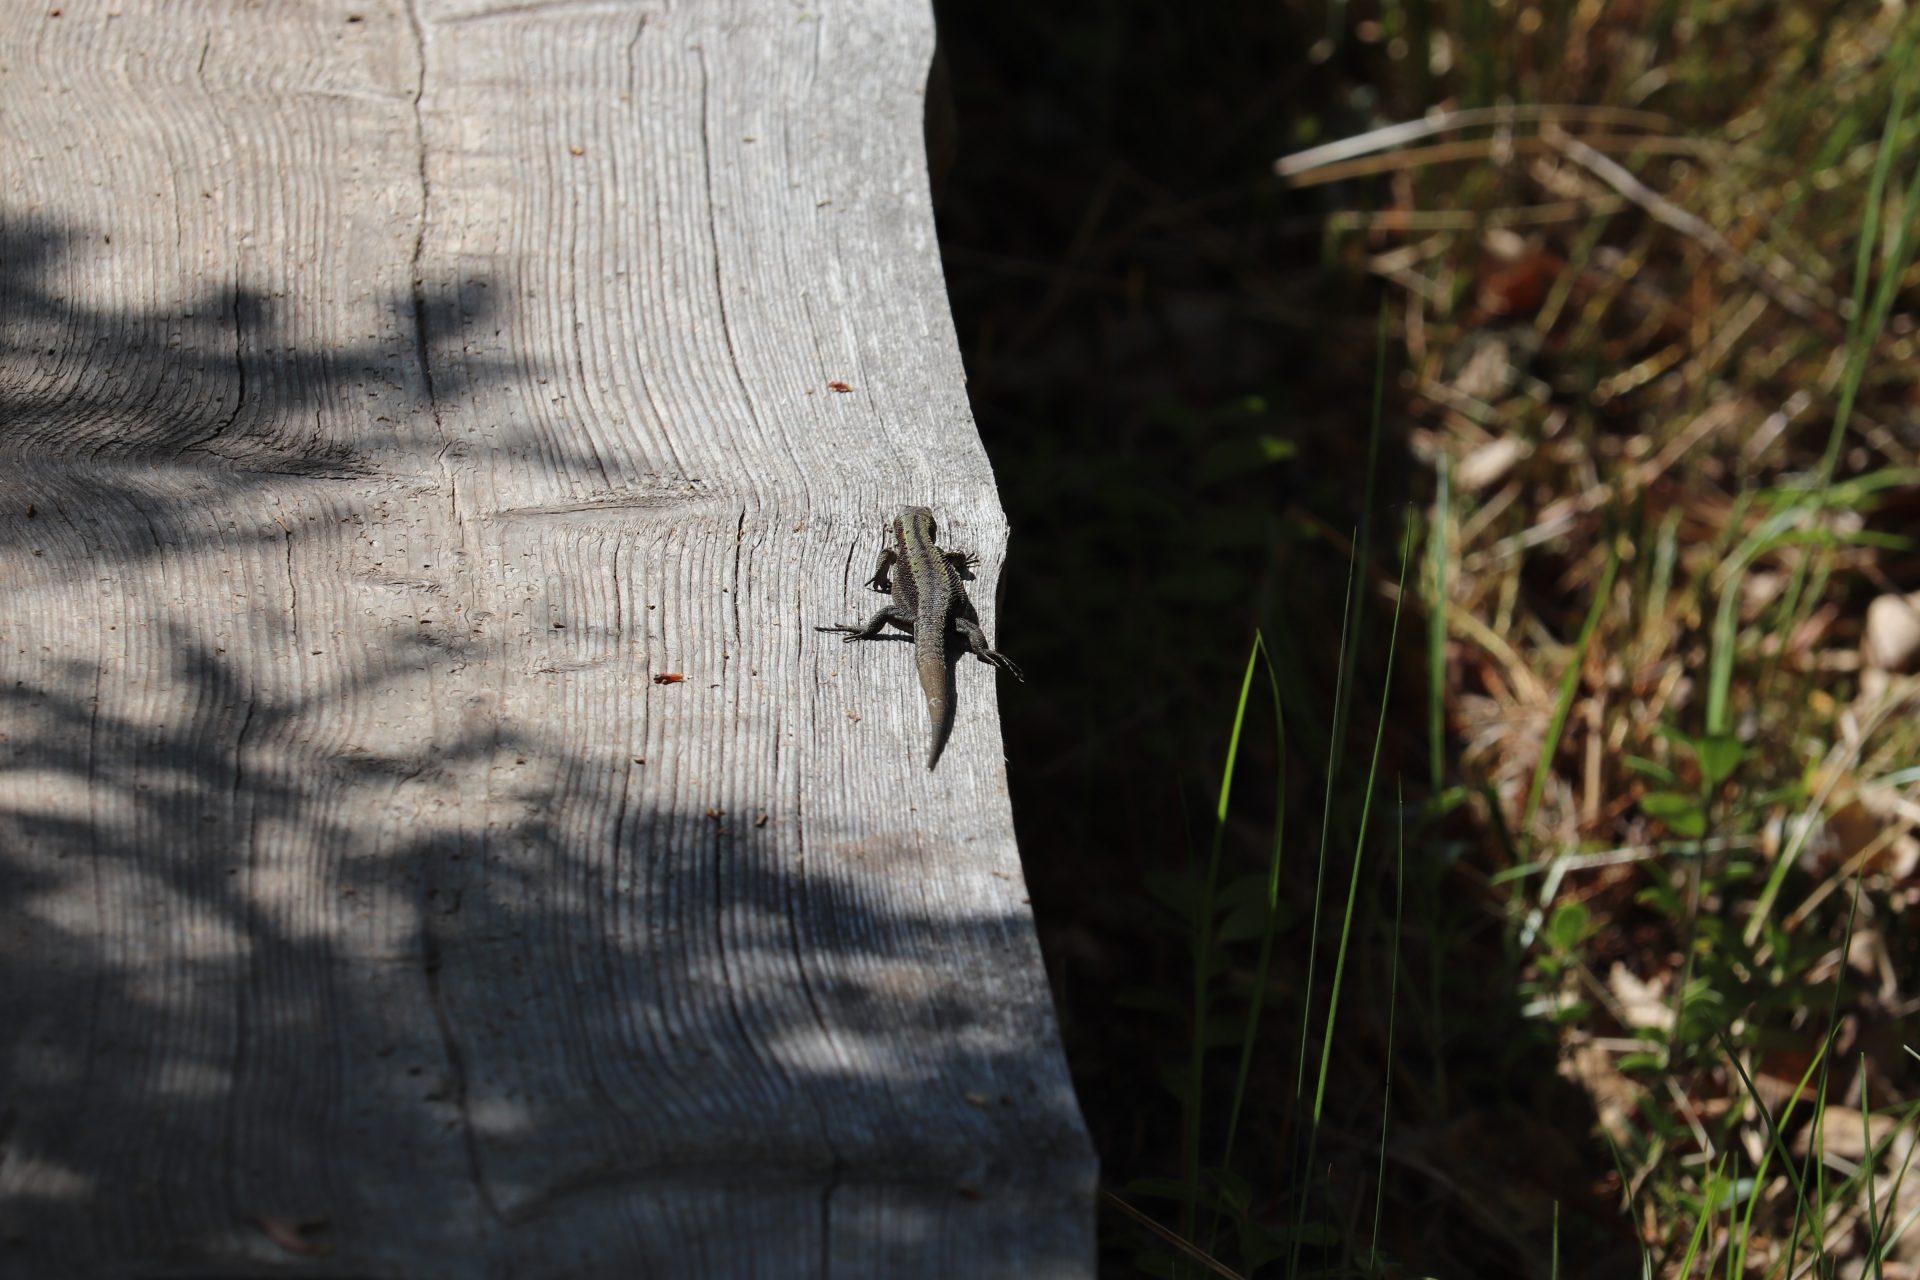 Siikaneva pirkanmaa ruovesi suo pitkospuut retki päiväretki patikointi retkikohde retkeily